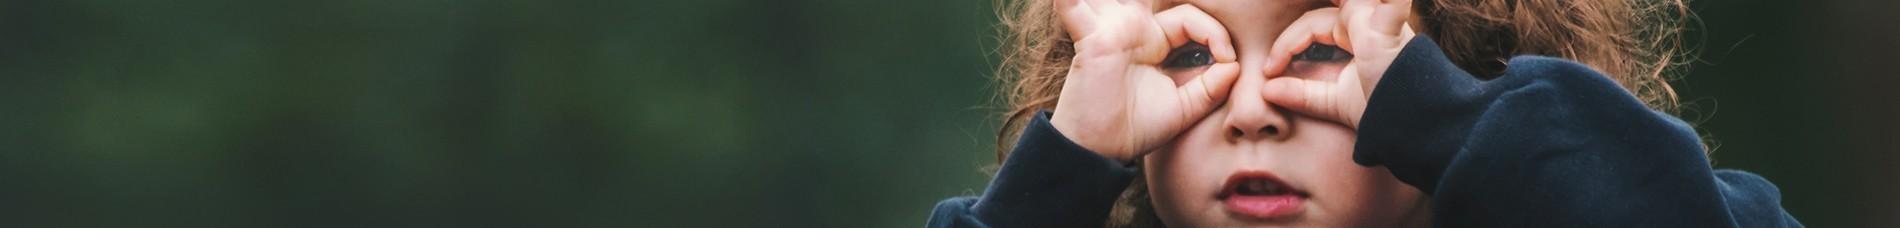 Regals solidaris per a nens i nenes. Col·labora | Botiga Solidària SJD